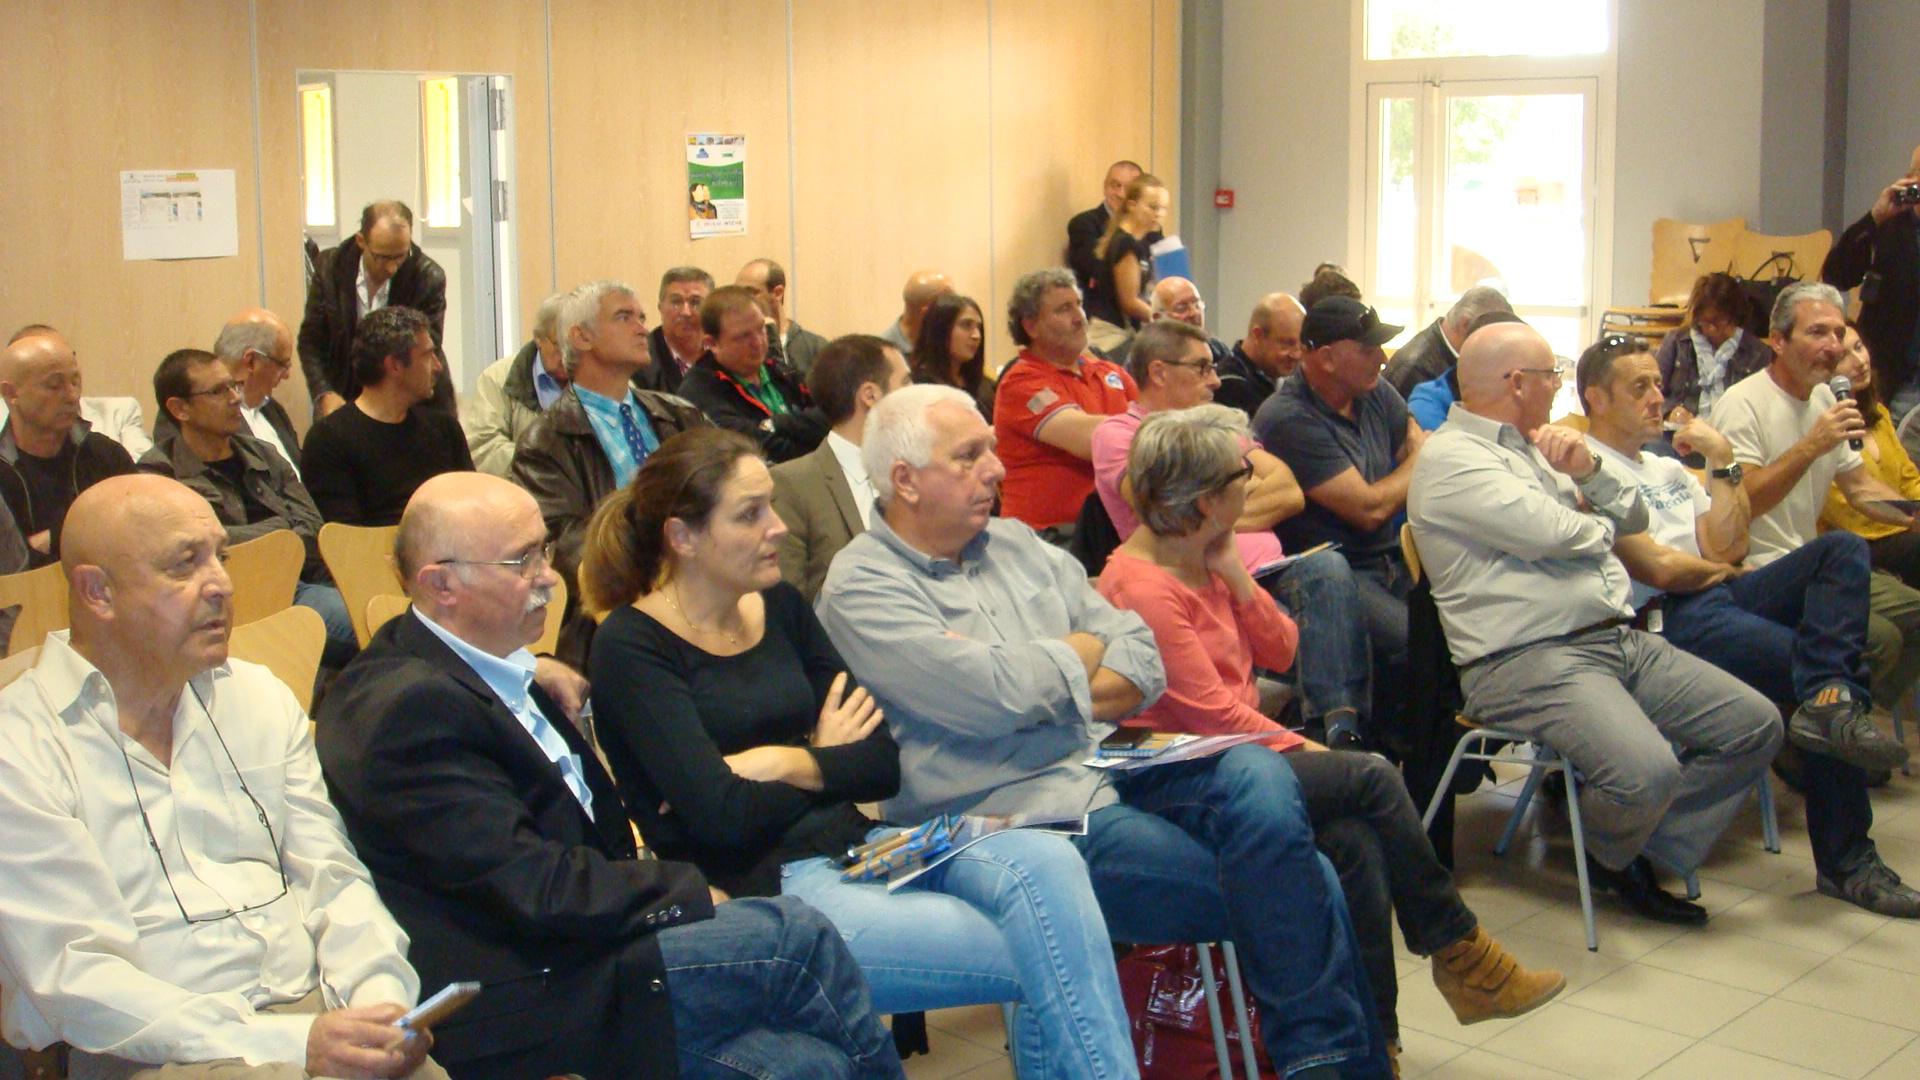 Des élus et chefs d'entreprises venus en grand nombre prendre connaissance du concept Alba Nova (Photo Stéphane Gamant)